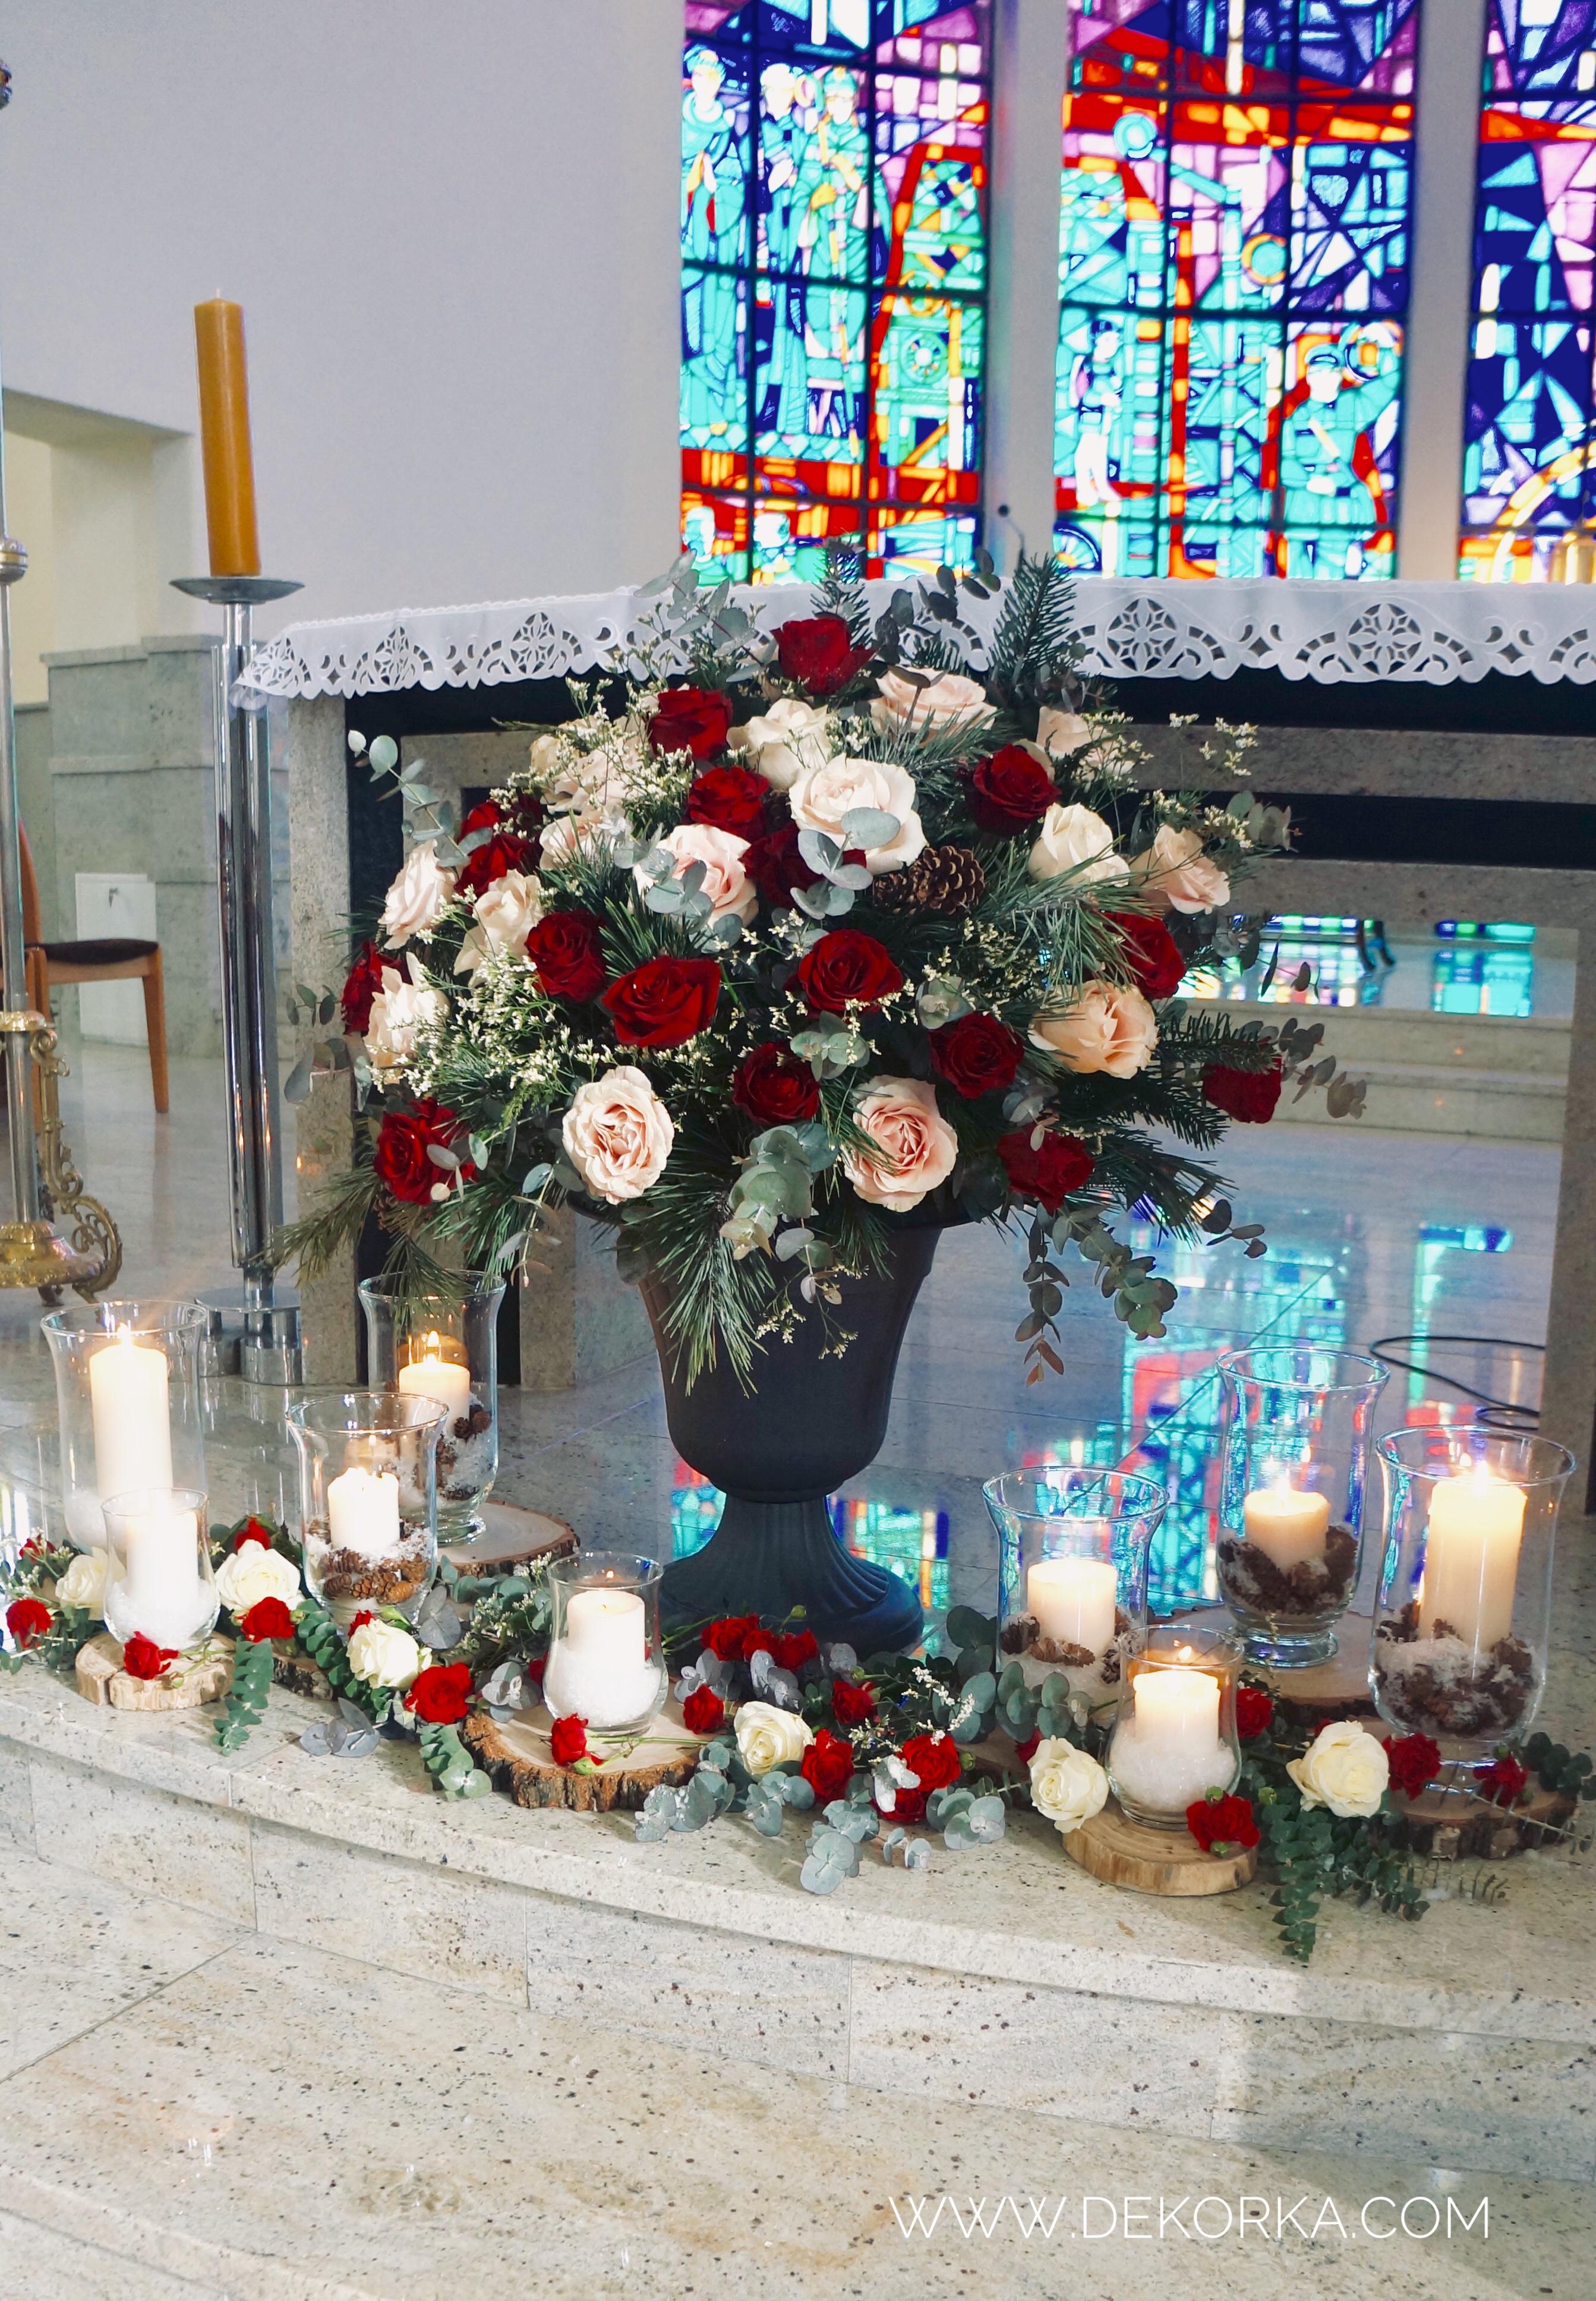 dekorka wystrók kościoła dekoracje kościoł murcki